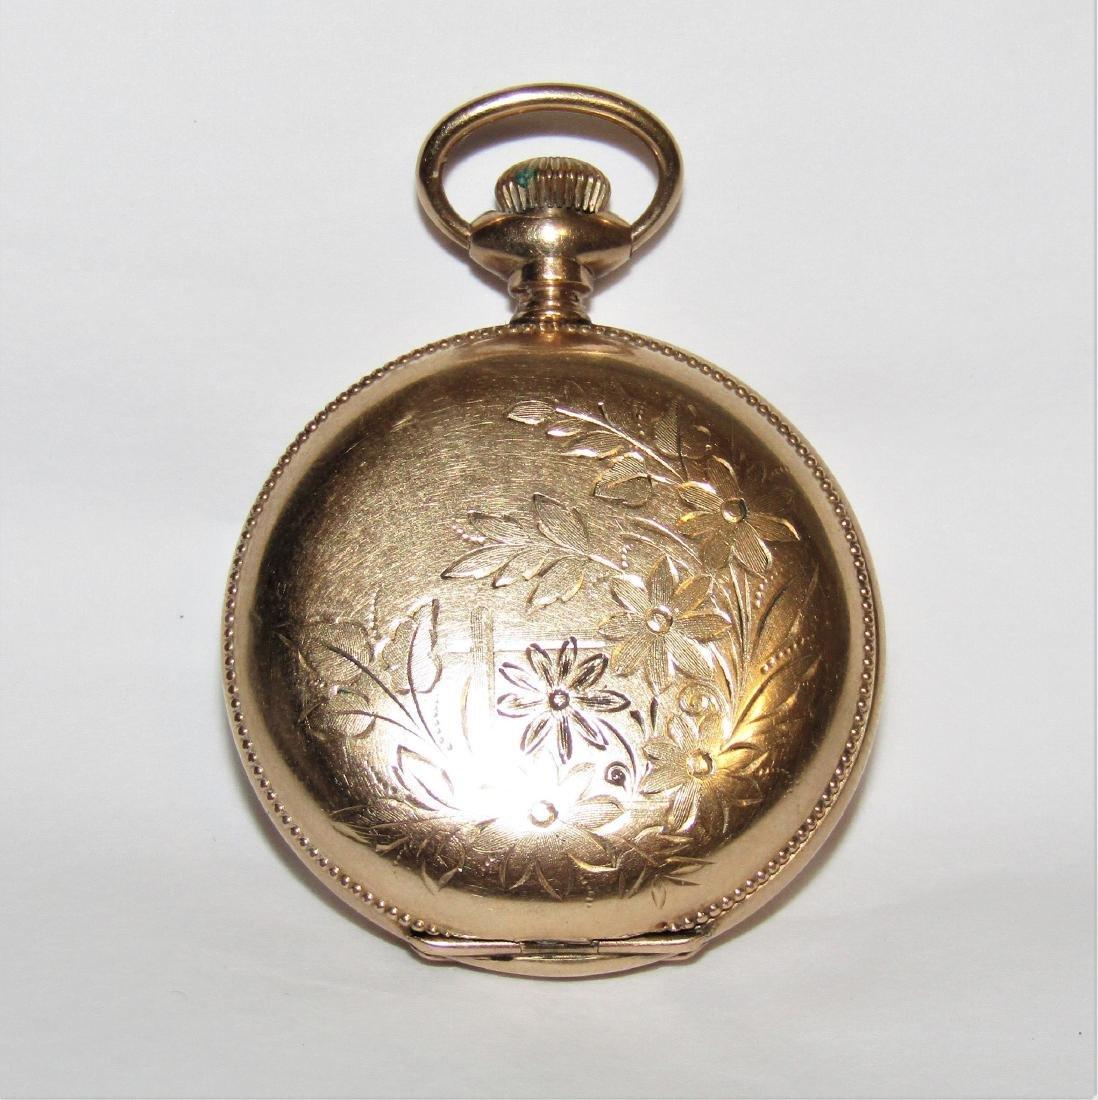 Antique 14K Gold Elgin Pocket Watch